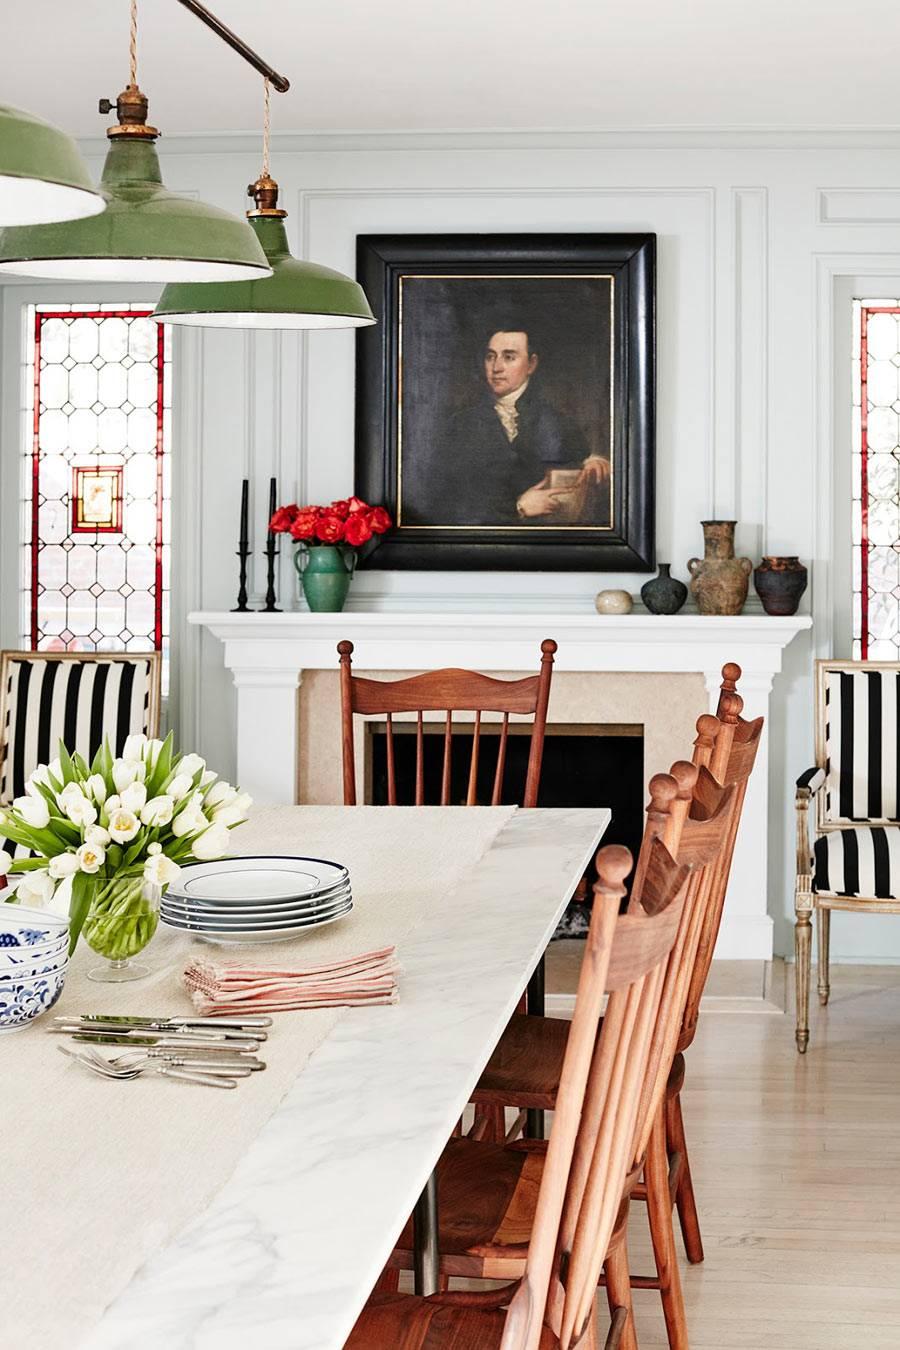 обеденный стол под современной люстрой с видом на старинную картину